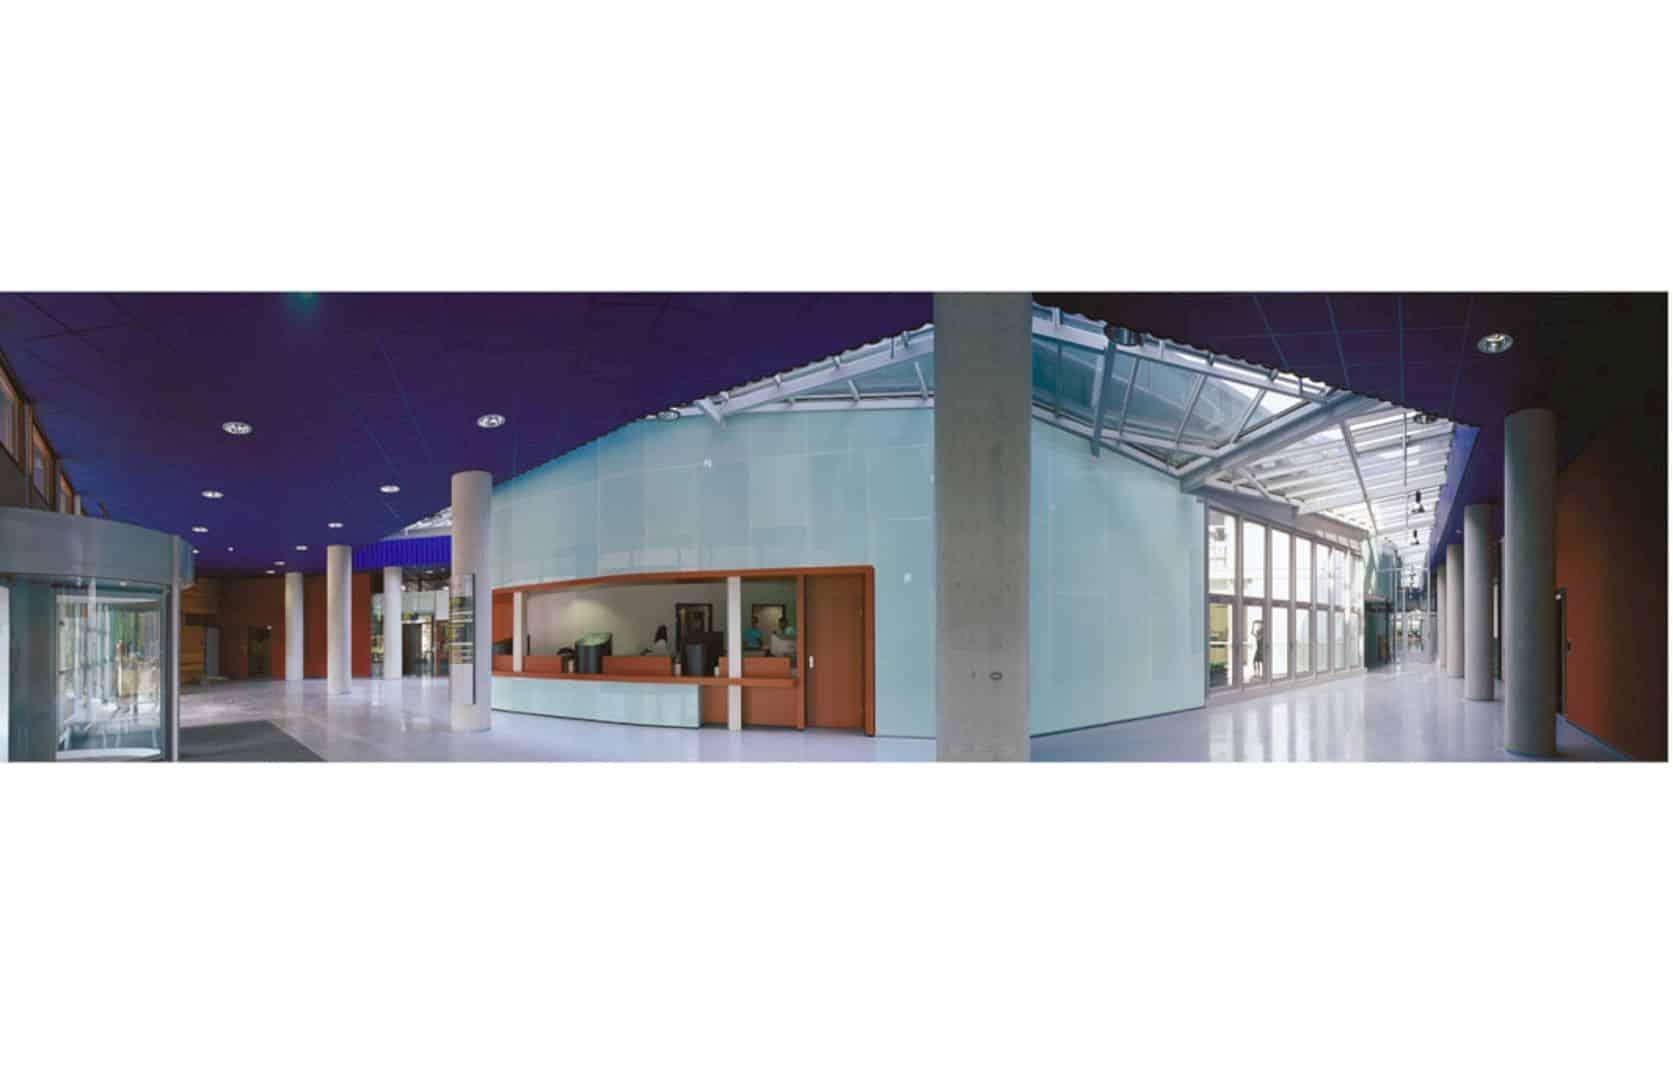 Regional Police Station Nijmegen By Jeanne Dekkers Architectuur 2